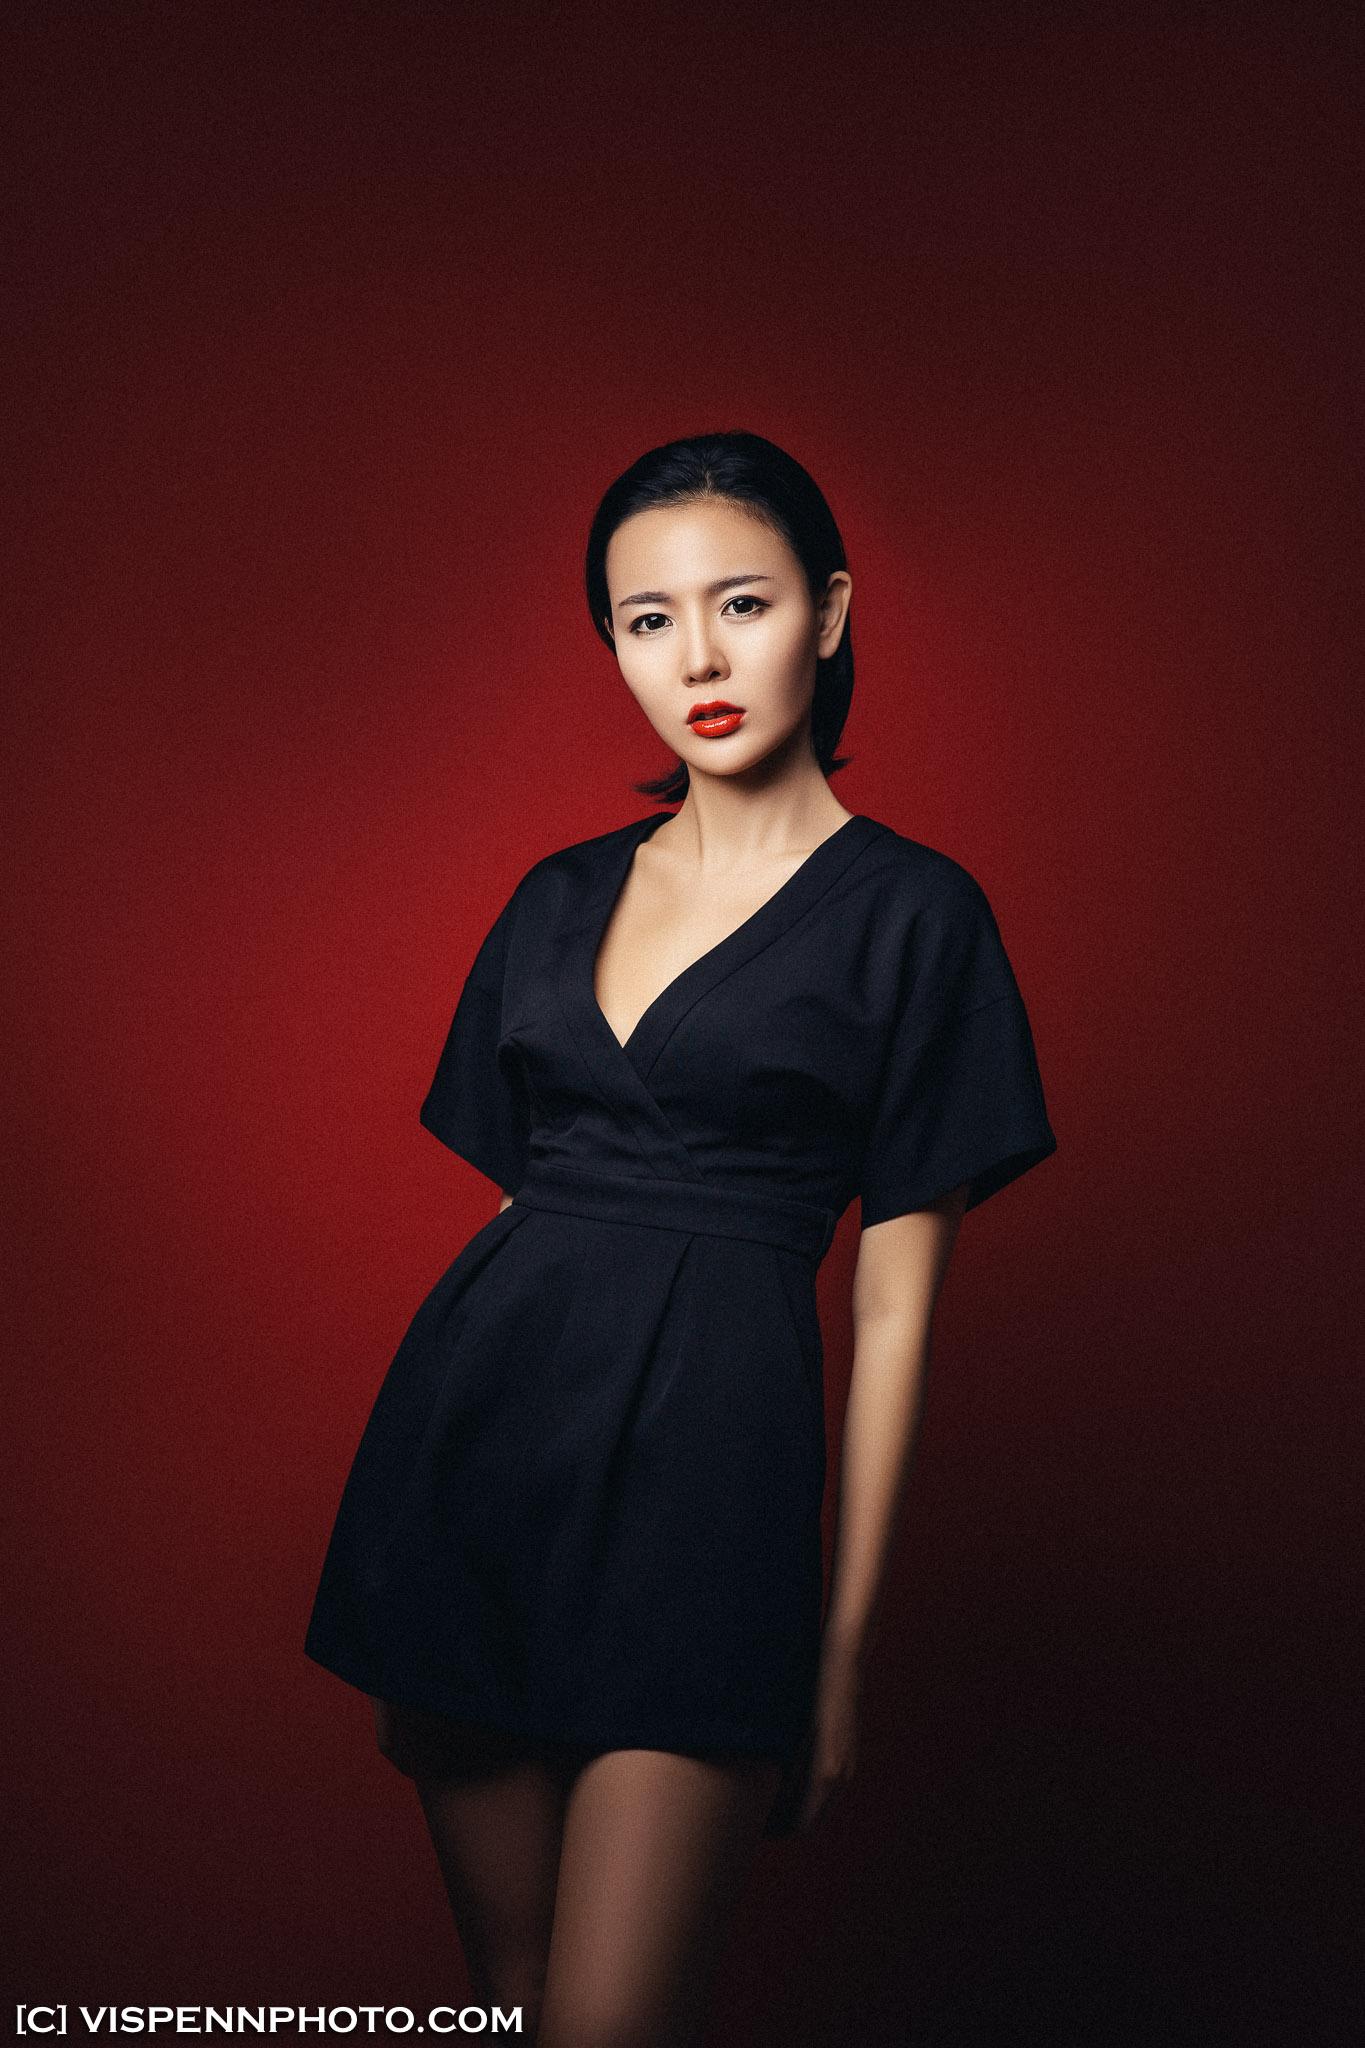 Melbourne Fashion Portrait Commercial Photography VISPENN 墨尔本 服装 商业 人像 摄影 VISPENN FutureStarsII 6762